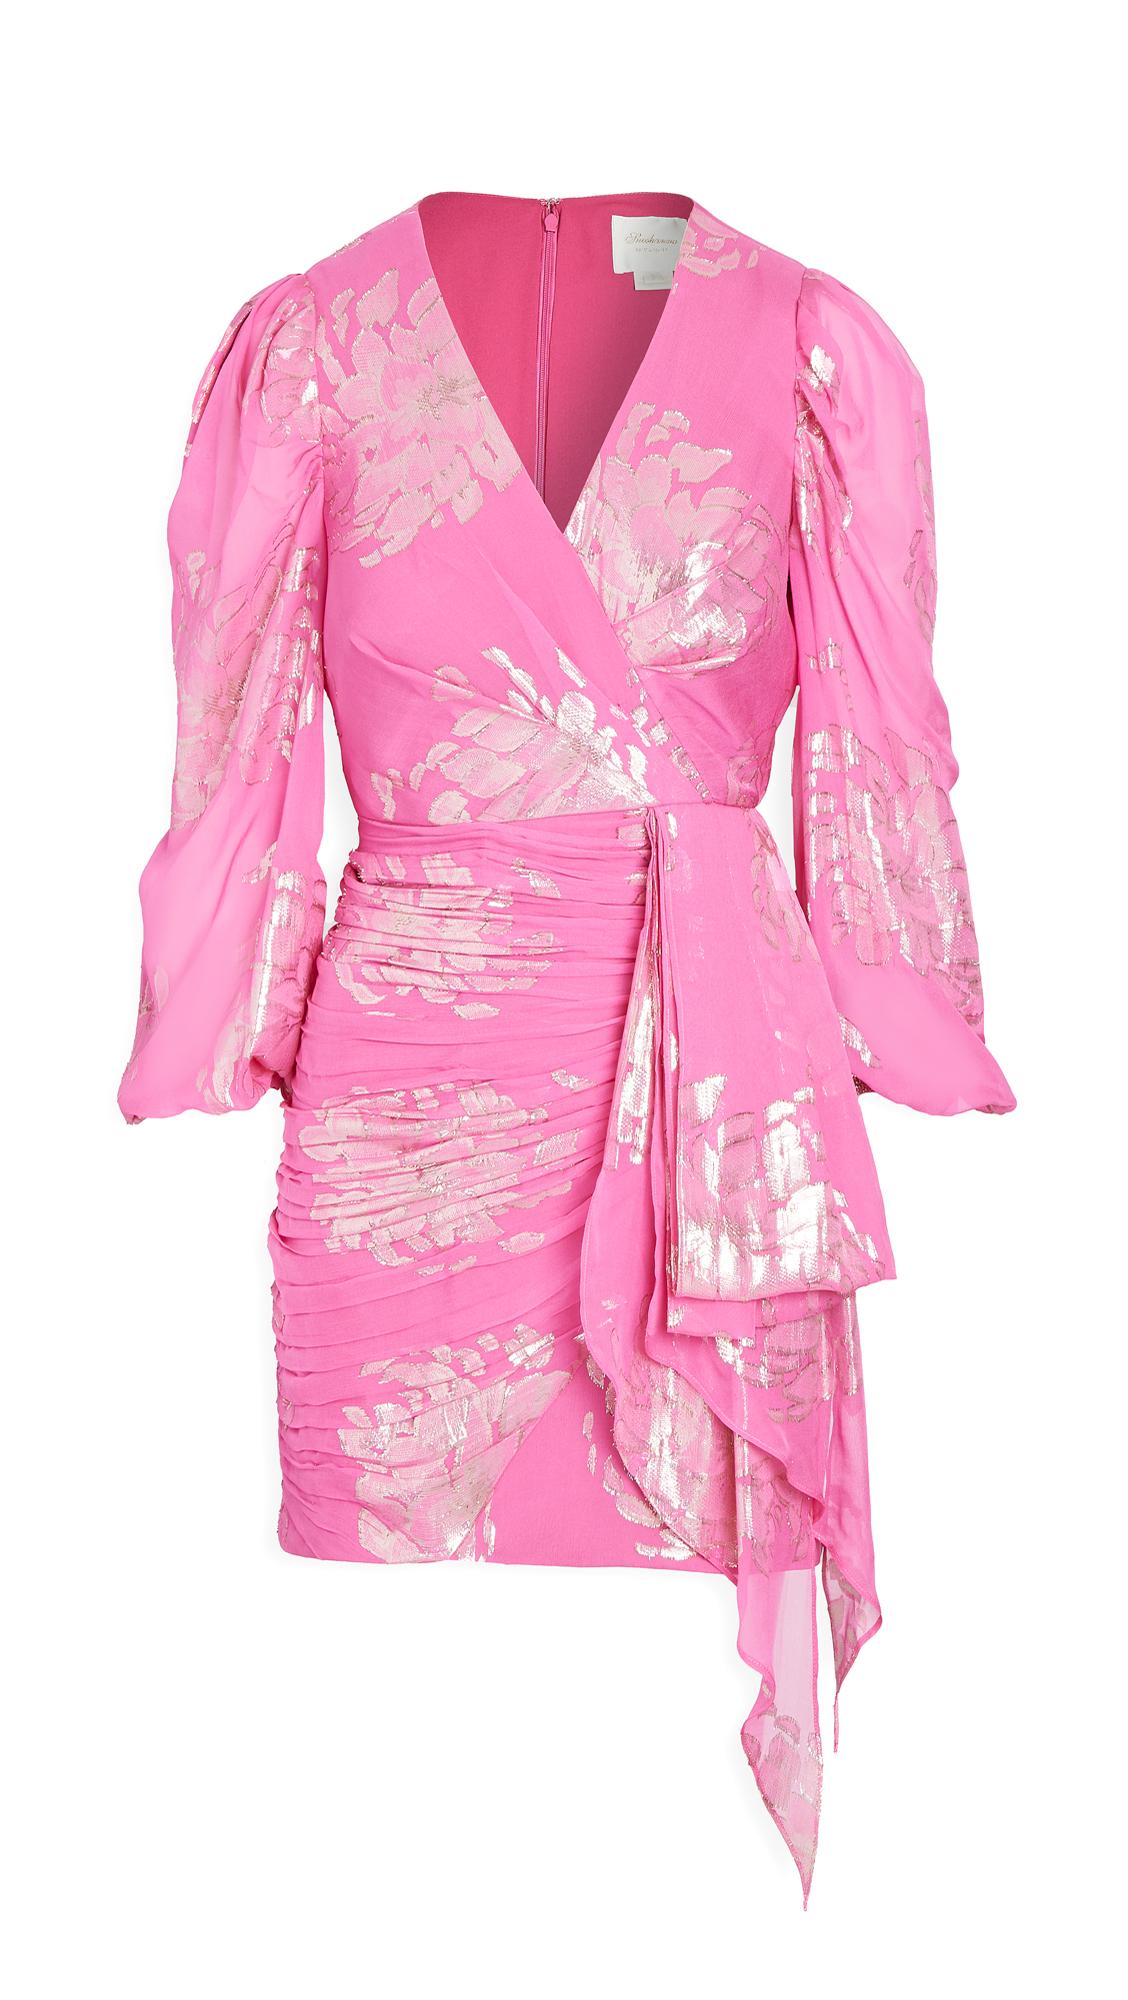 Shoshanna Mirandela Dress